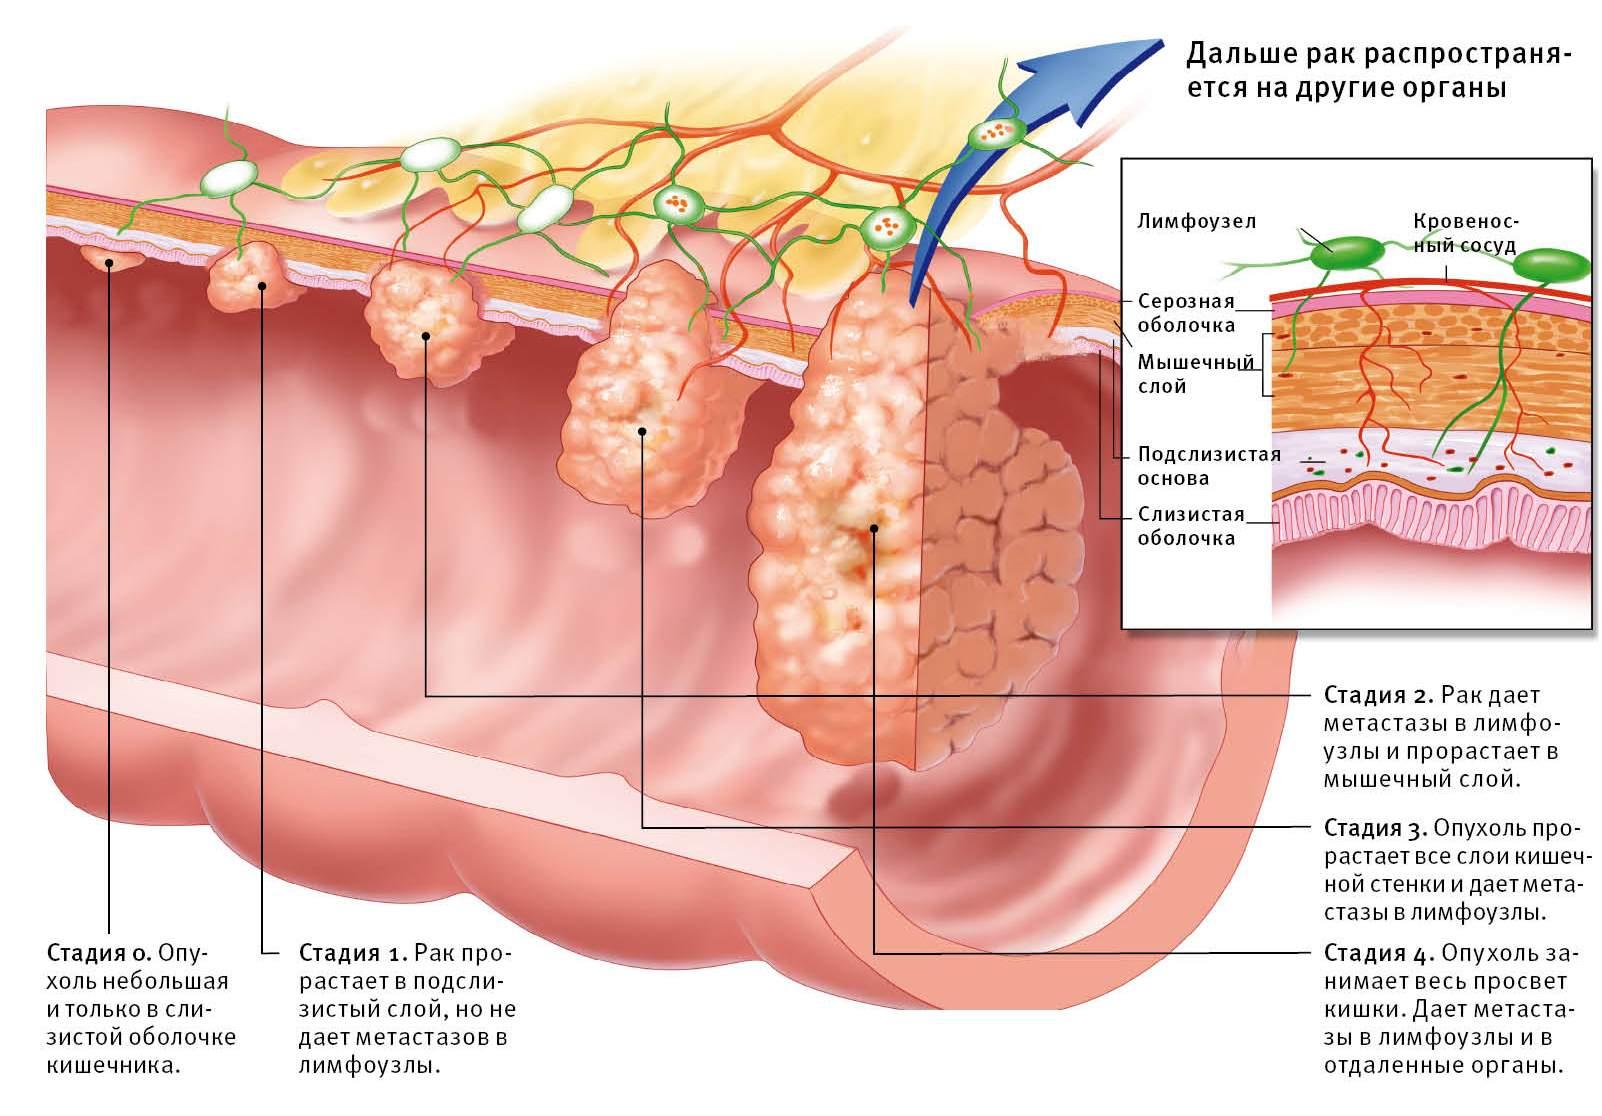 Что делать при опухоли в прямой кишке